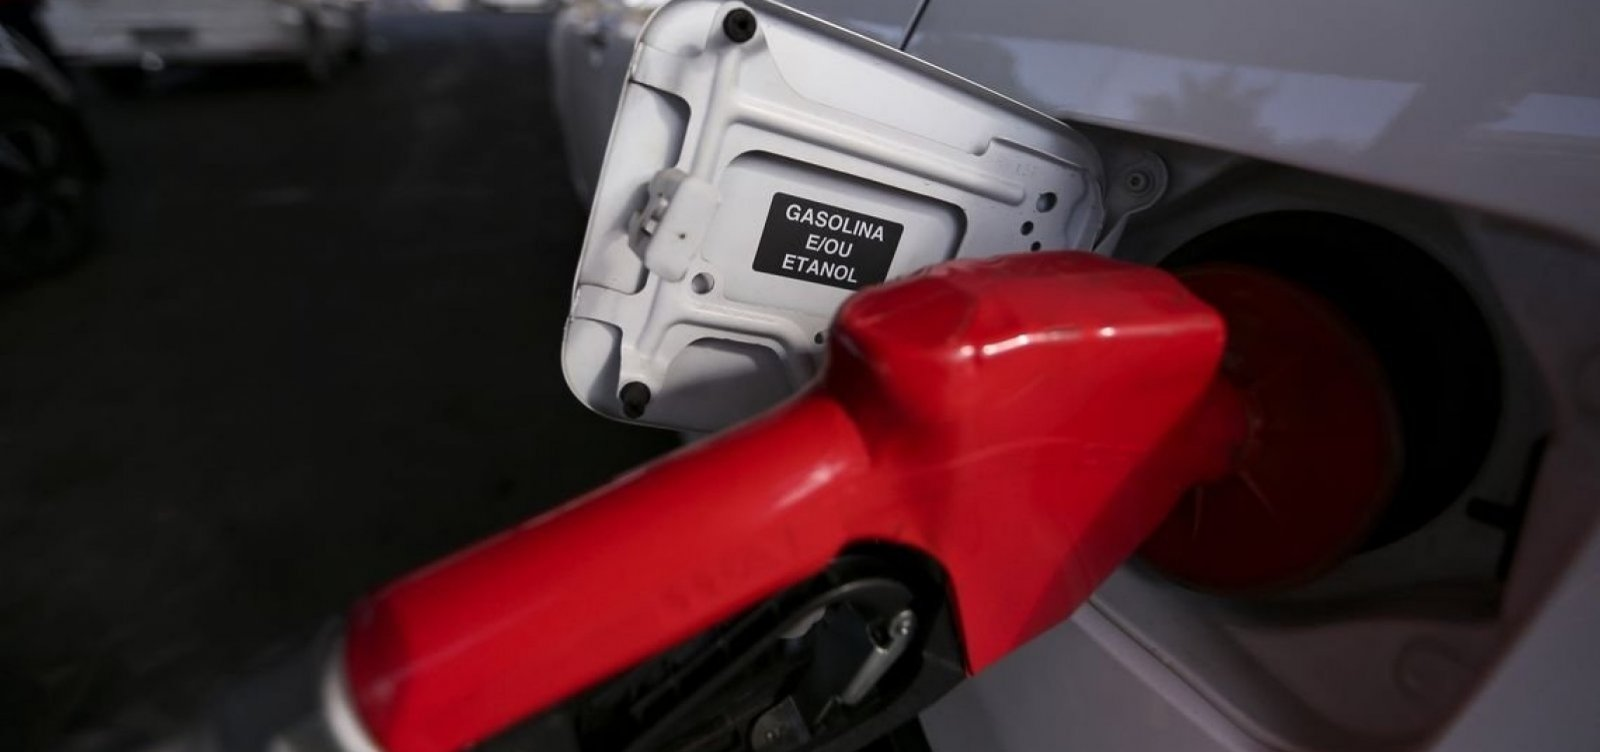 [Preço da gasolina cai 1,32% nas refinarias, segundo Petrobras]